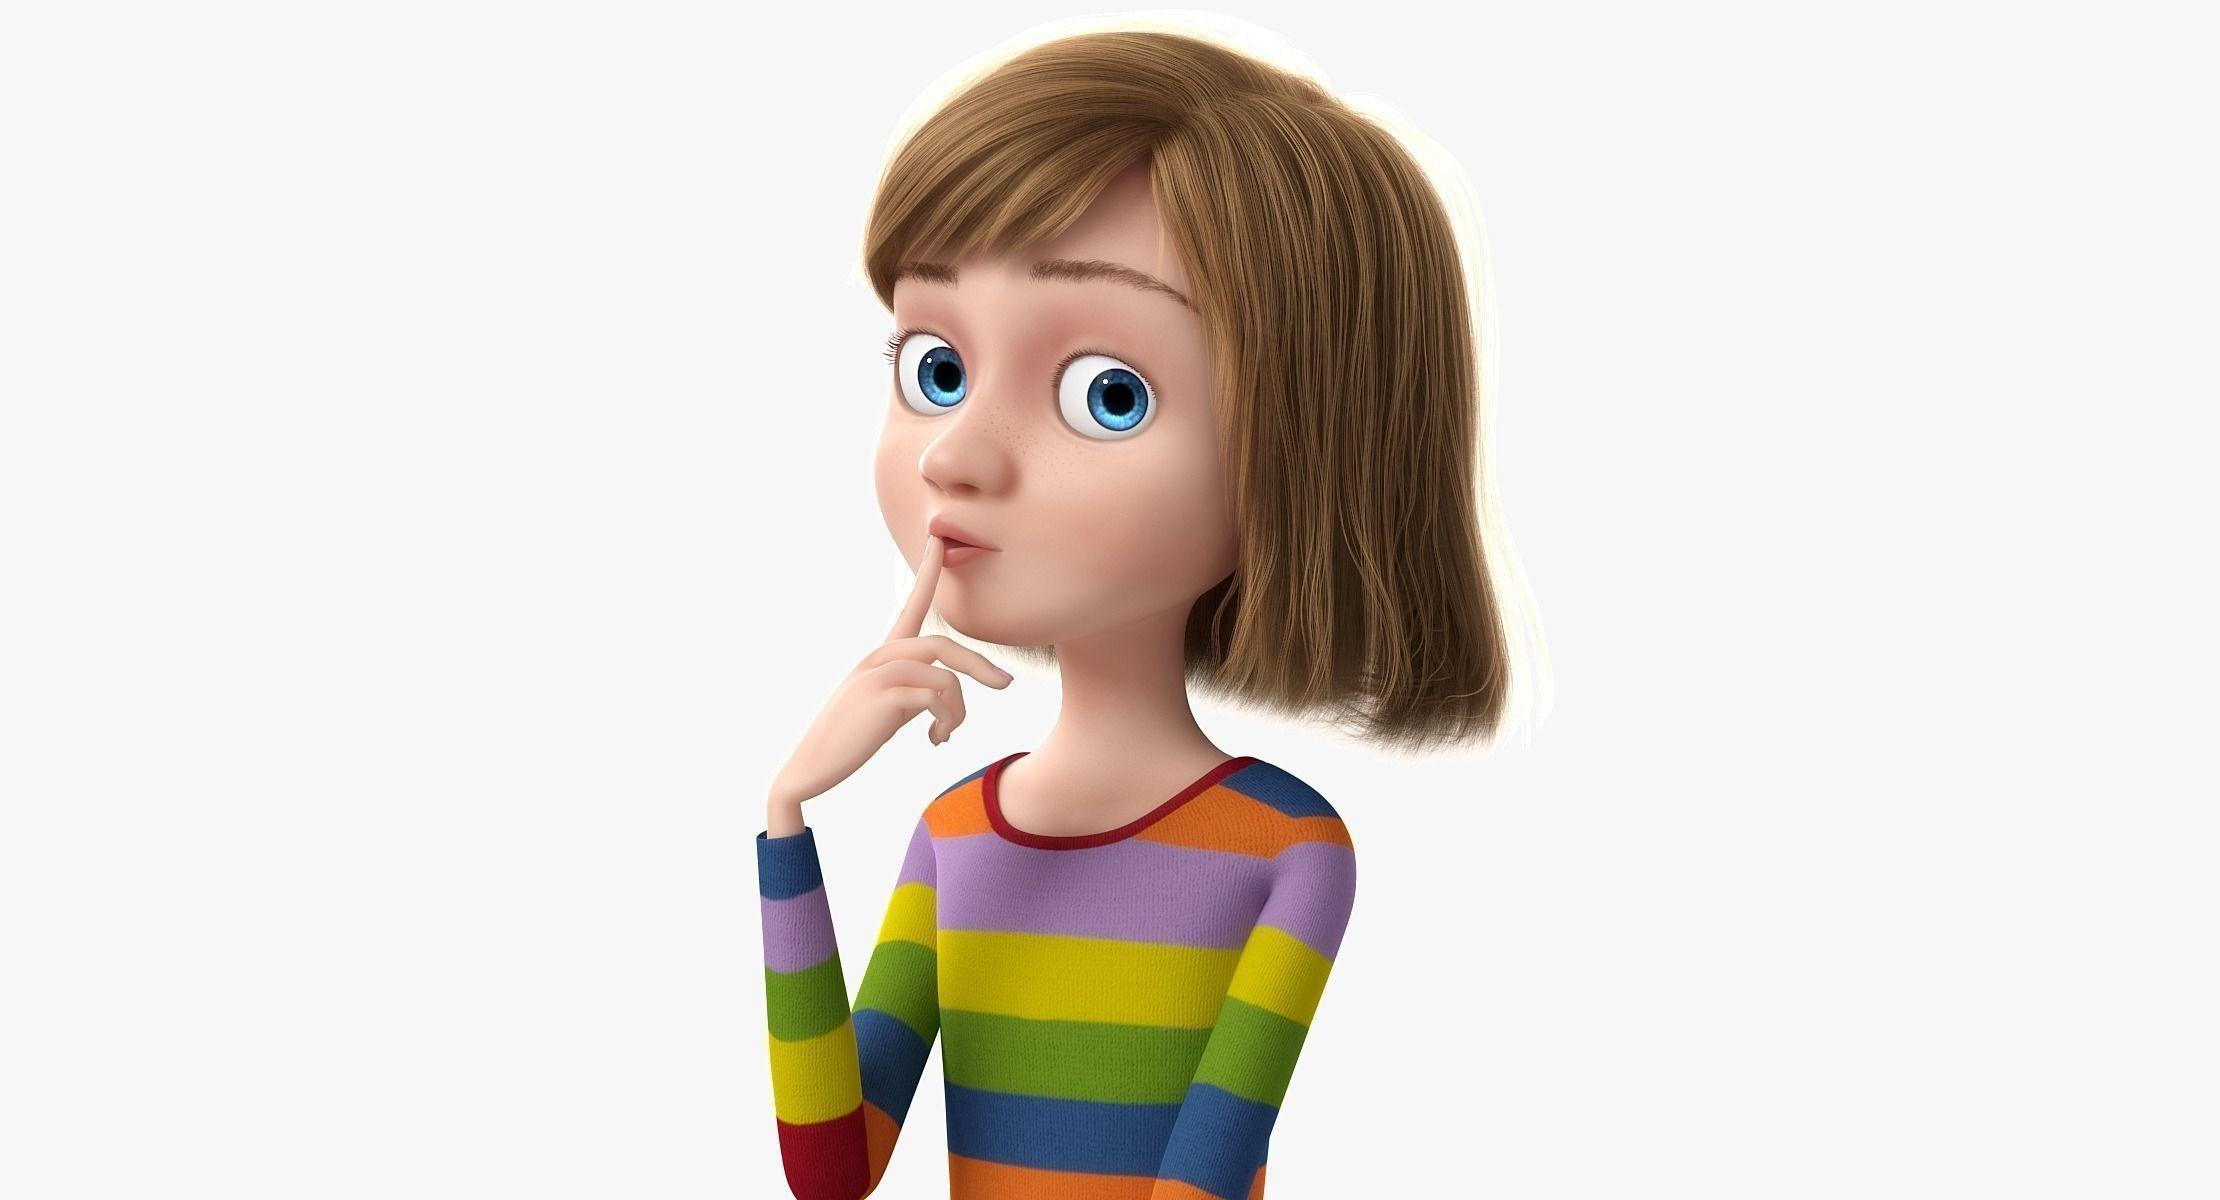 cartoon girl rigged 3d model obj fbx ma mb mtl 1 | Ideas | Girl